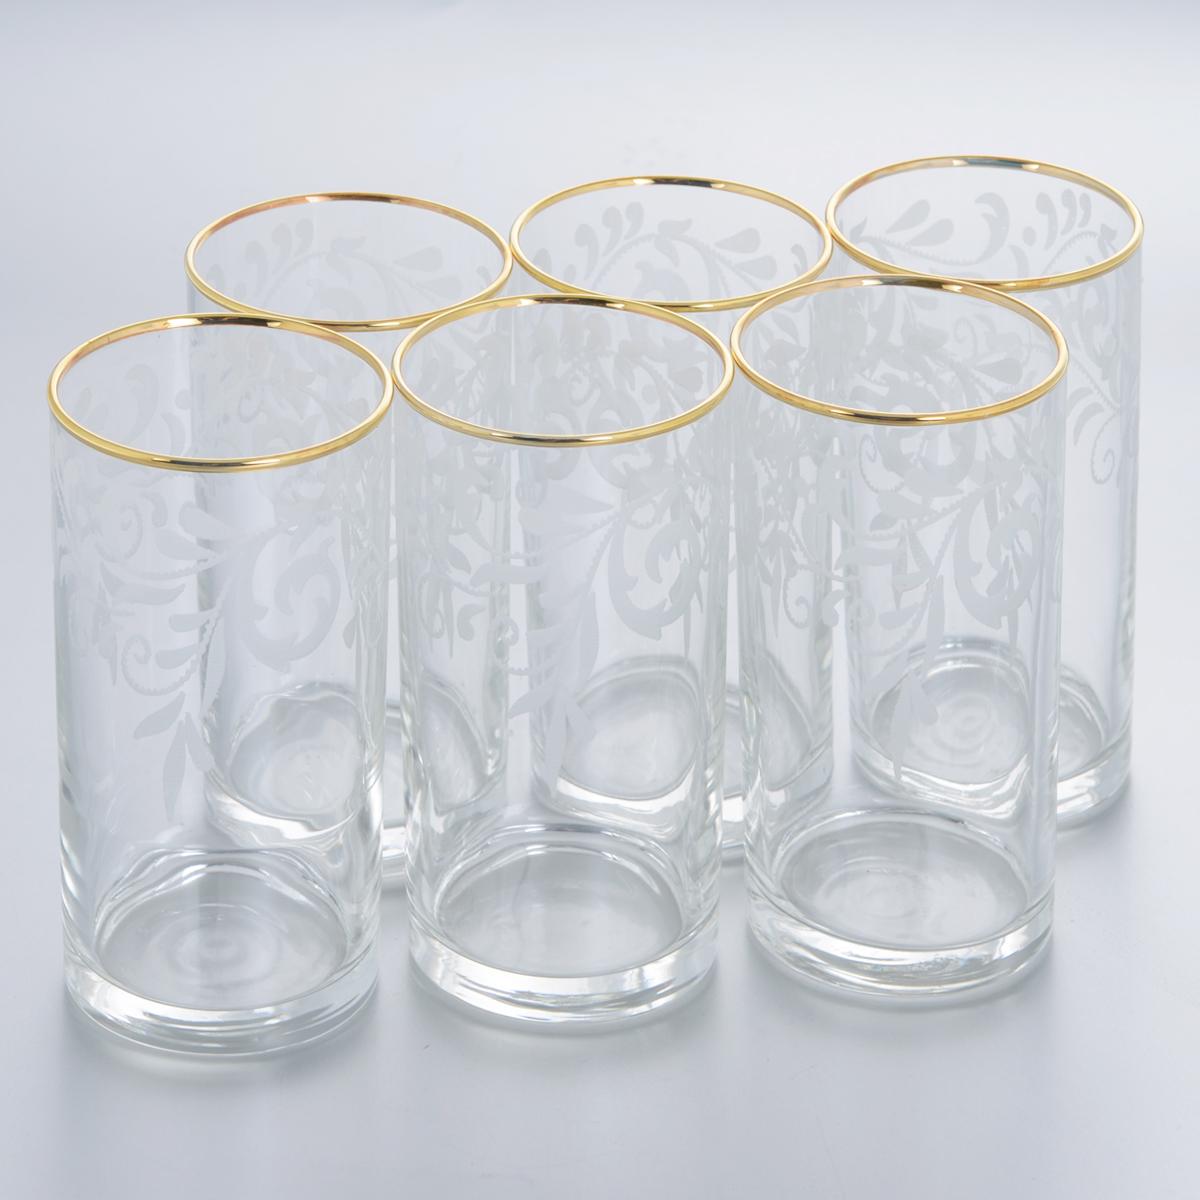 Набор стаканов для сока Гусь-Хрустальный Веточка, 290 мл, 6 штEL10-402Набор Гусь-Хрустальный Веточка состоит из 6 высоких стаканов, изготовленных из высококачественного натрий-кальций-силикатного стекла. Изделия оформлены красивым зеркальным покрытием и белым матовым орнаментом. Стаканы предназначены для подачи сока, а также воды и коктейлей. Такой набор прекрасно дополнит праздничный стол и станет желанным подарком в любом доме. Разрешается мыть в посудомоечной машине. Диаметр стакана (по верхнему краю): 6 см. Высота стакана: 13,5 см.Уважаемые клиенты! Обращаем ваше внимание на незначительные изменения в дизайне товара, допускаемые производителем. Поставка осуществляется в зависимости от наличия на складе.